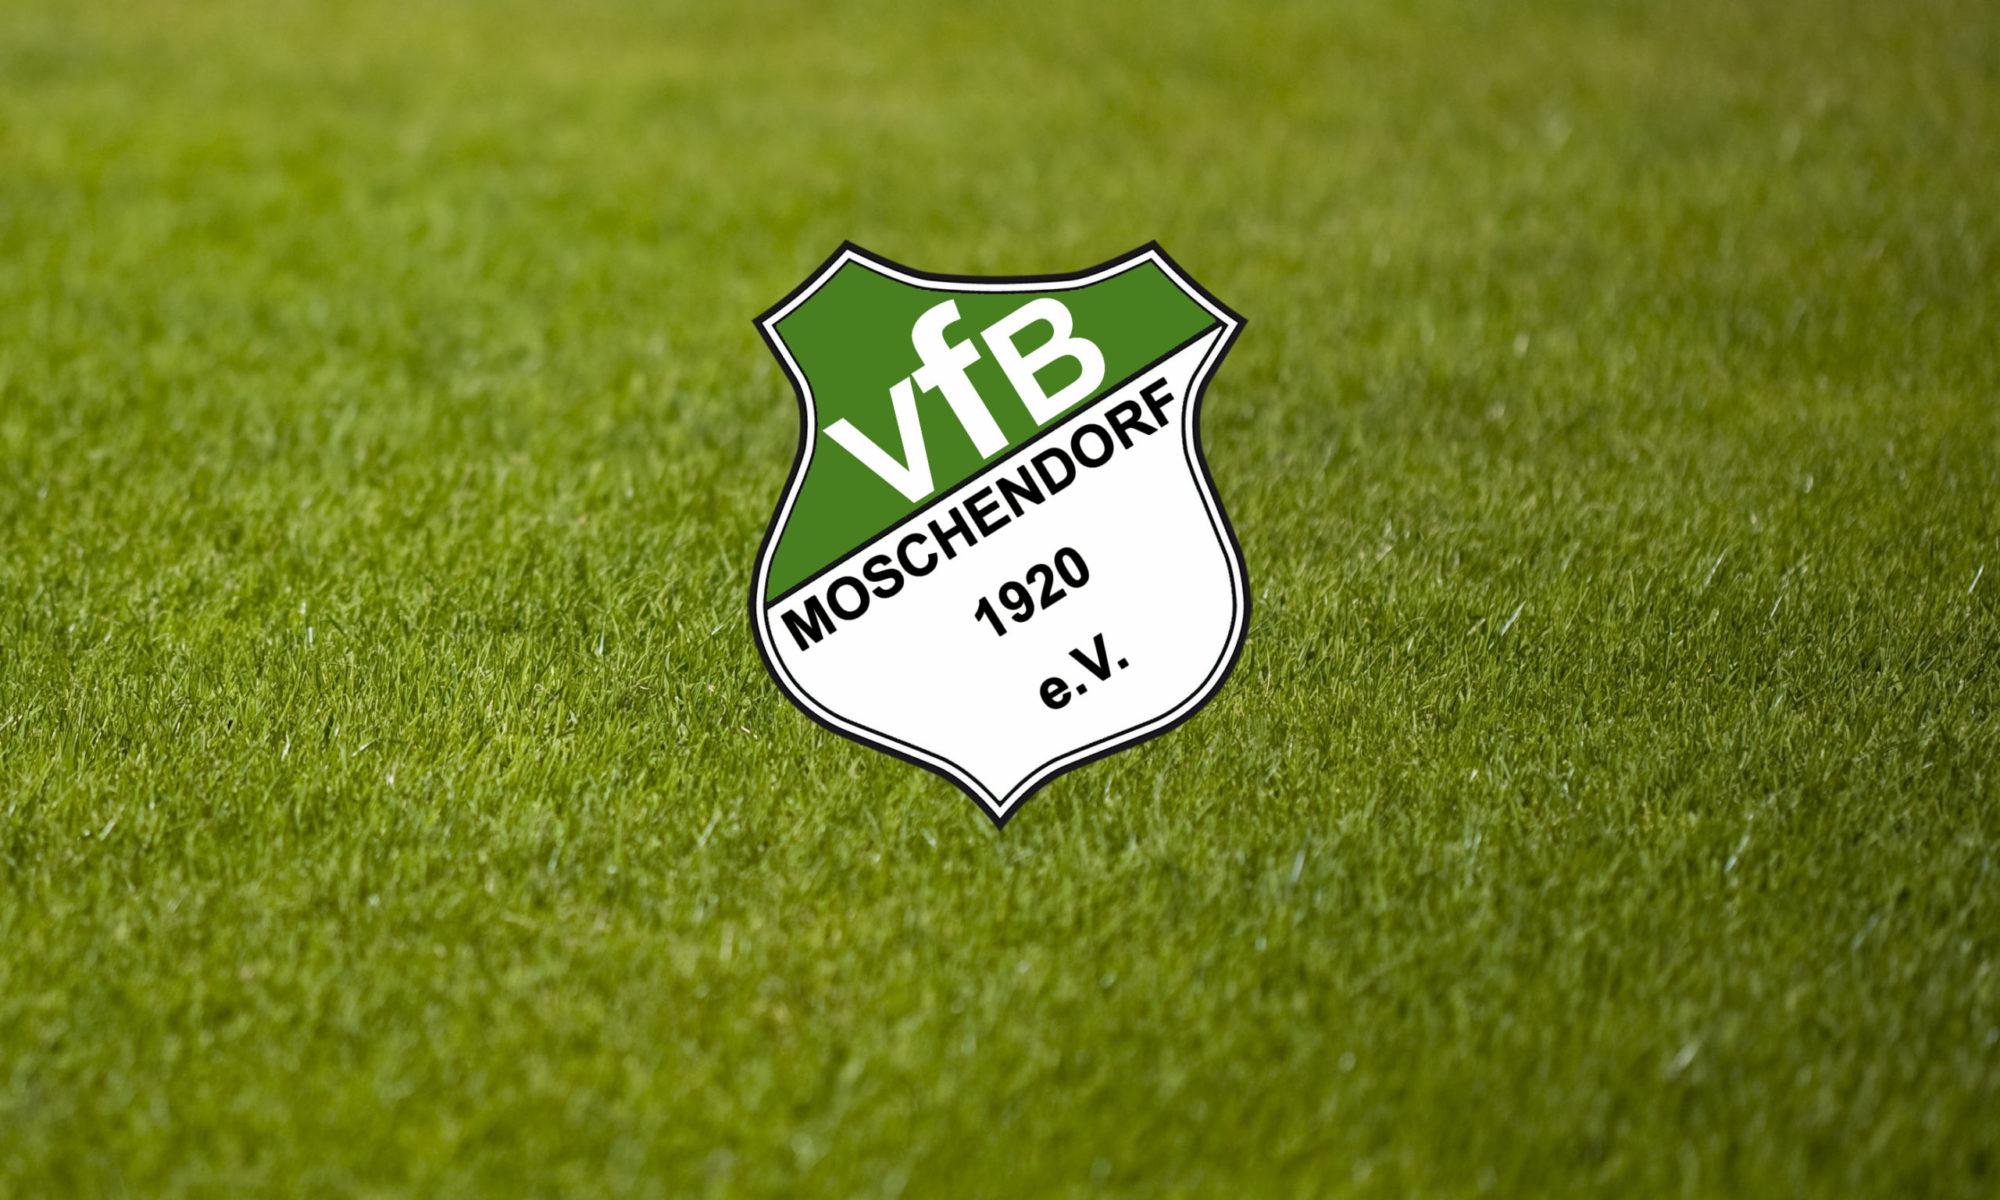 VfB Moschendorf 1920 e.V.